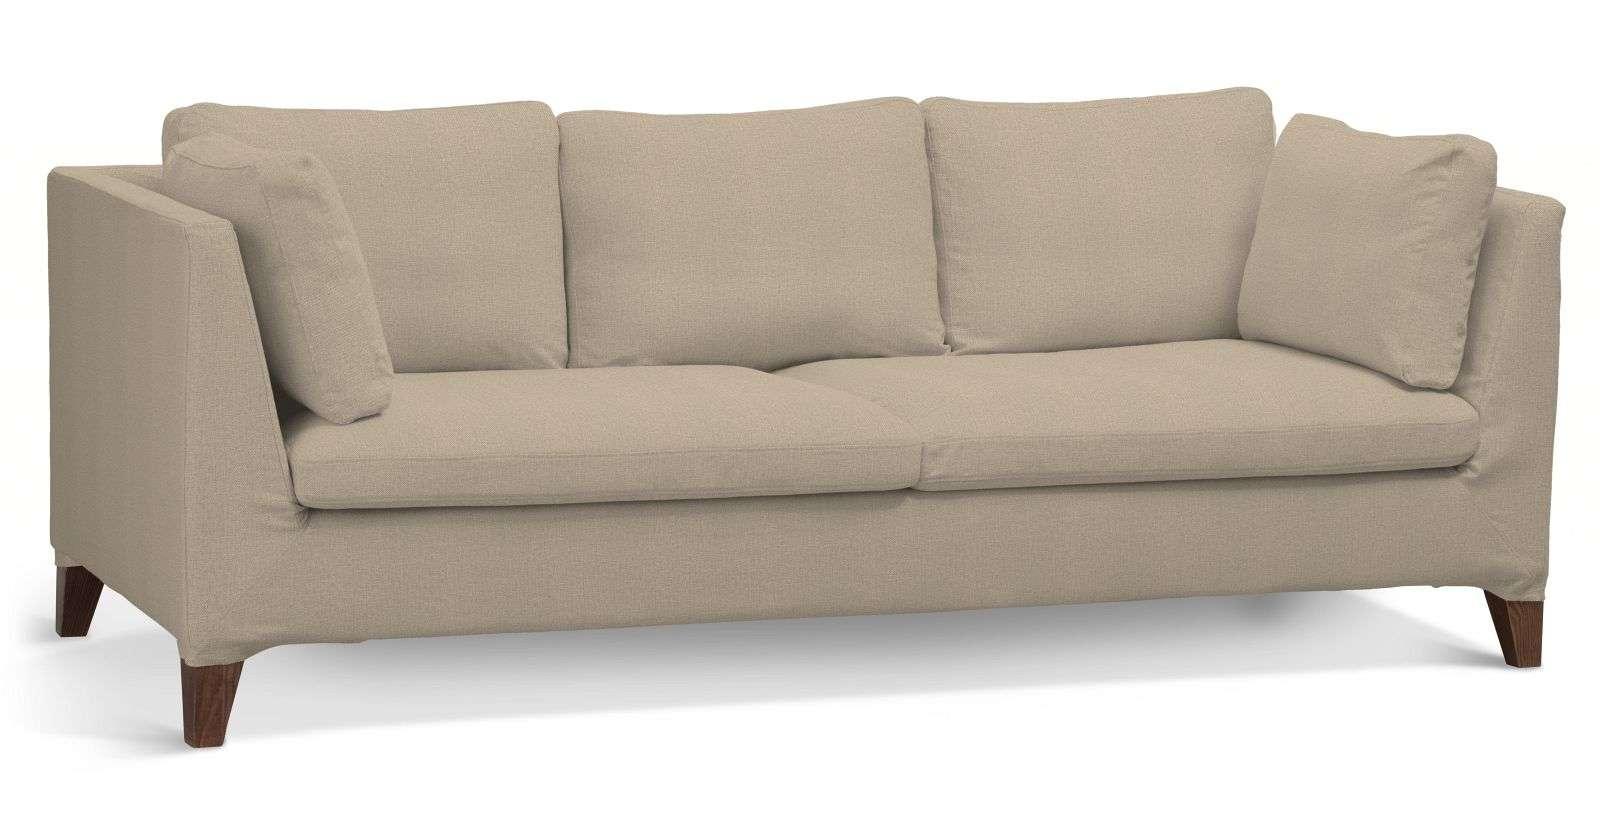 Pokrowiec na sofę Stockholm 3-osobową sofa Stockholm 3-osobowa w kolekcji Edinburgh, tkanina: 115-78